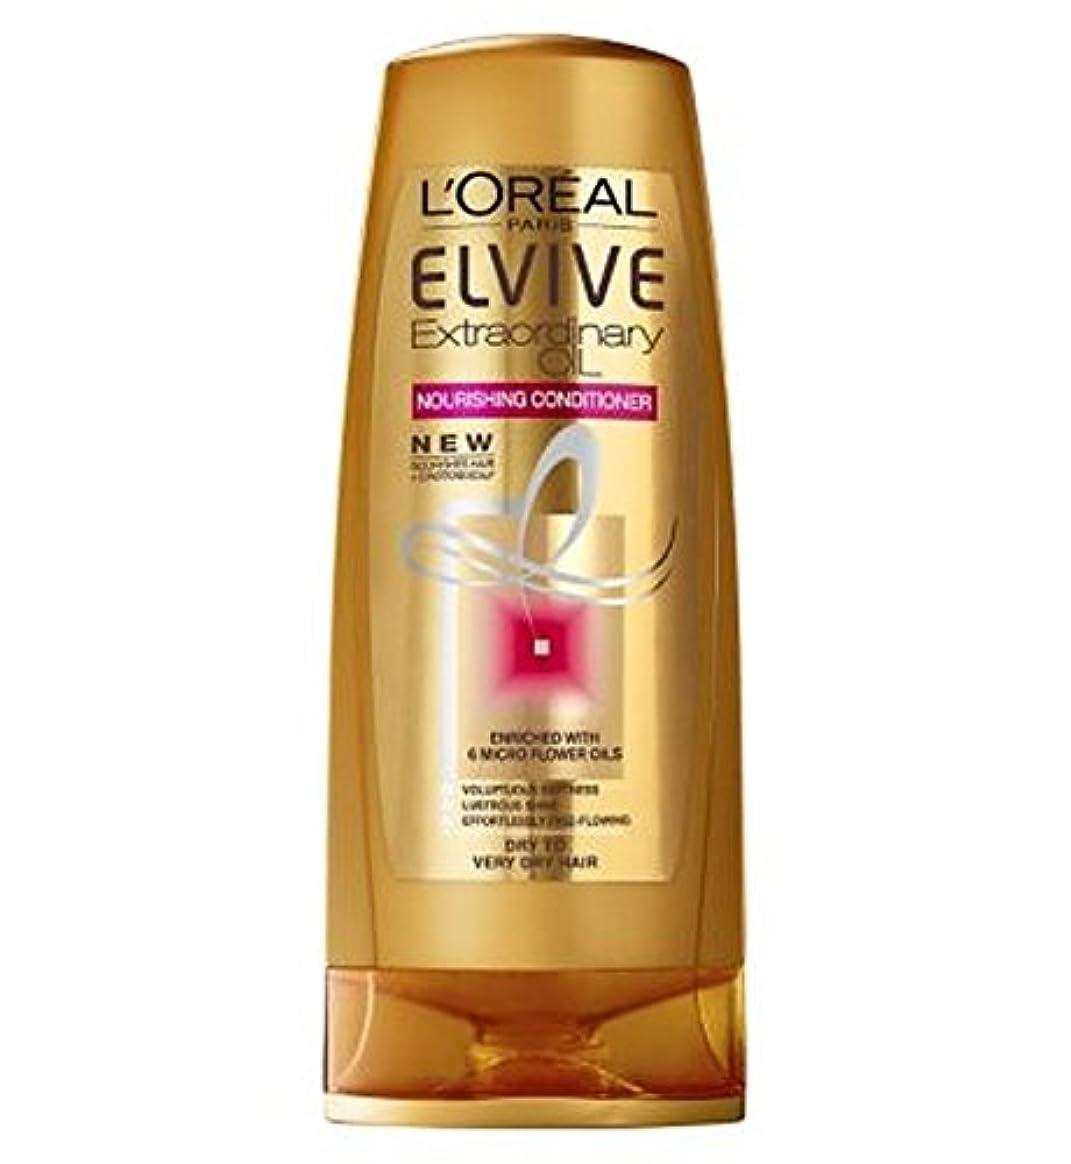 リビジョン要件可動式L'Oreal Elvive Extraordinary Oils Nourishing Conditioner Dry to Rough Hair 250ml - ラフヘア250ミリリットルにコンディショナードライ栄養ロレアルElvive臨時油 (L'Oreal) [並行輸入品]